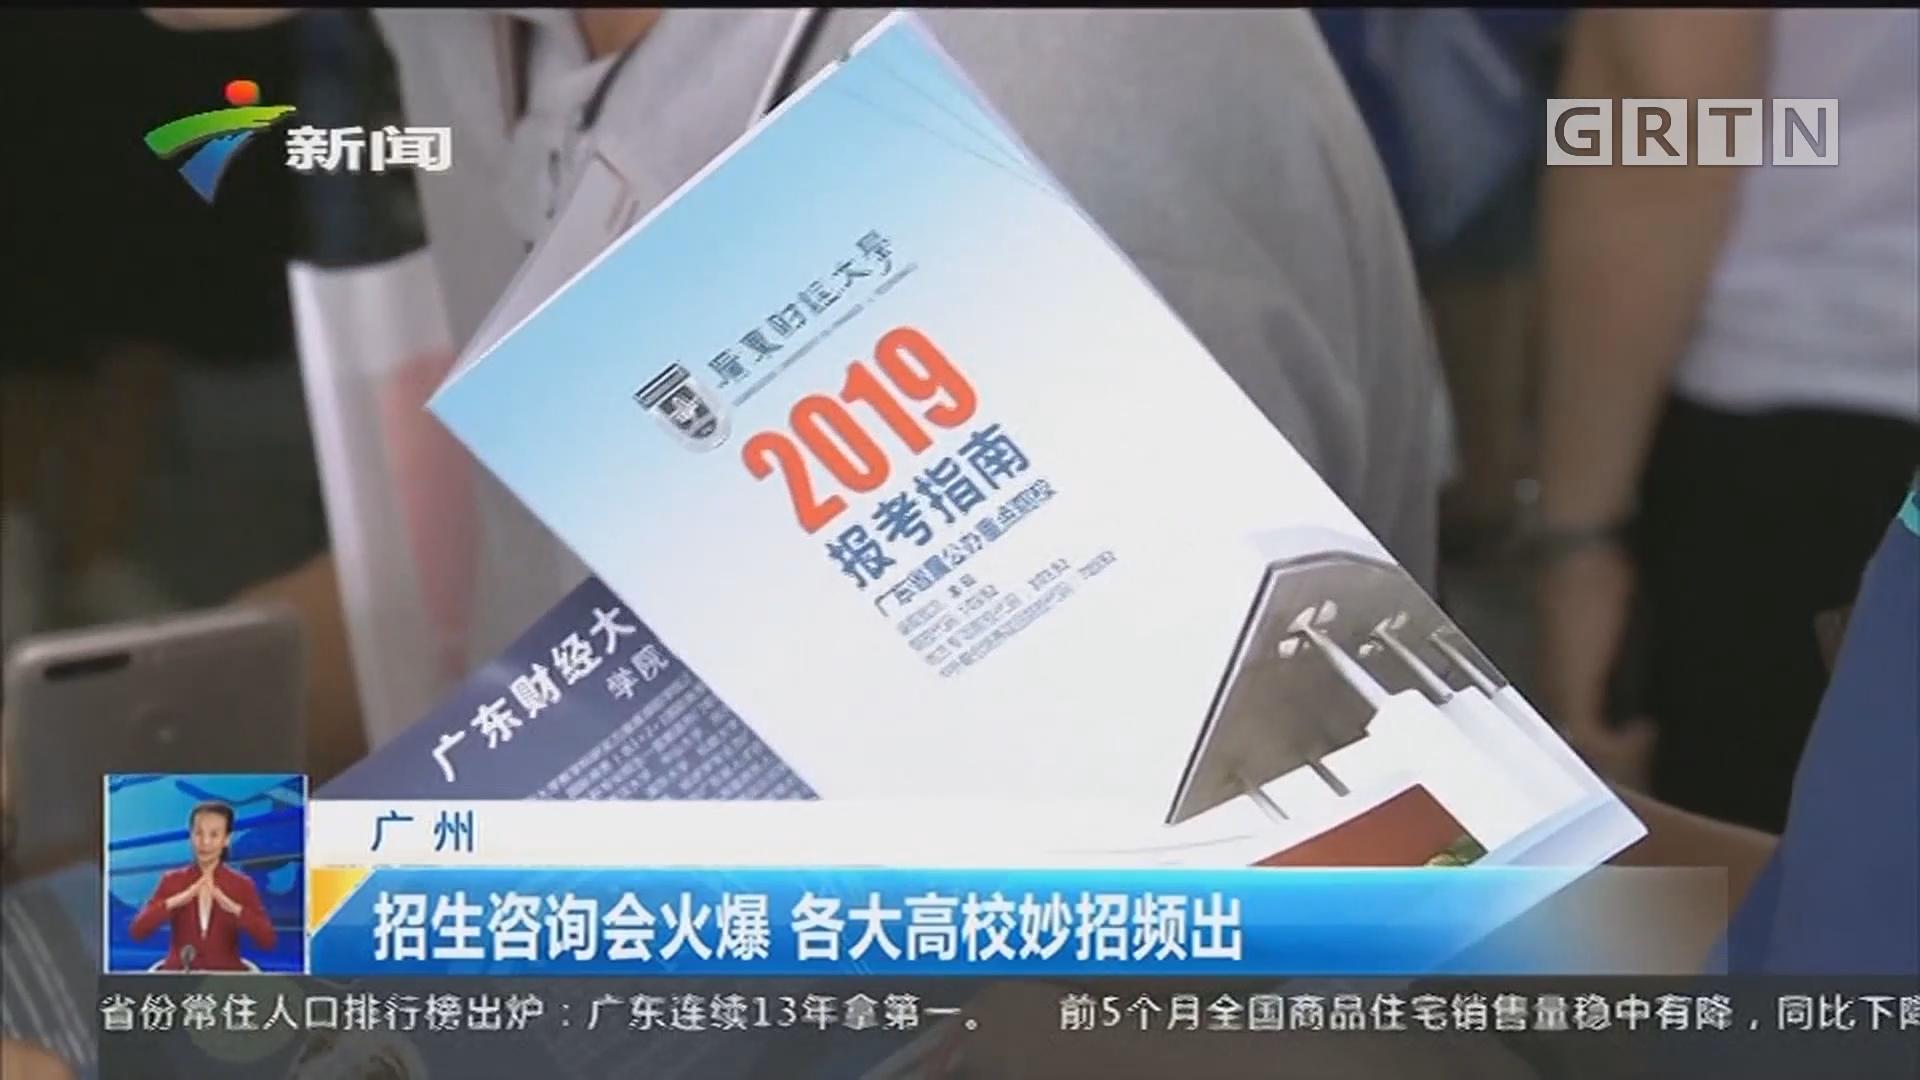 广州:招生咨询会火爆 各大高校妙招频出